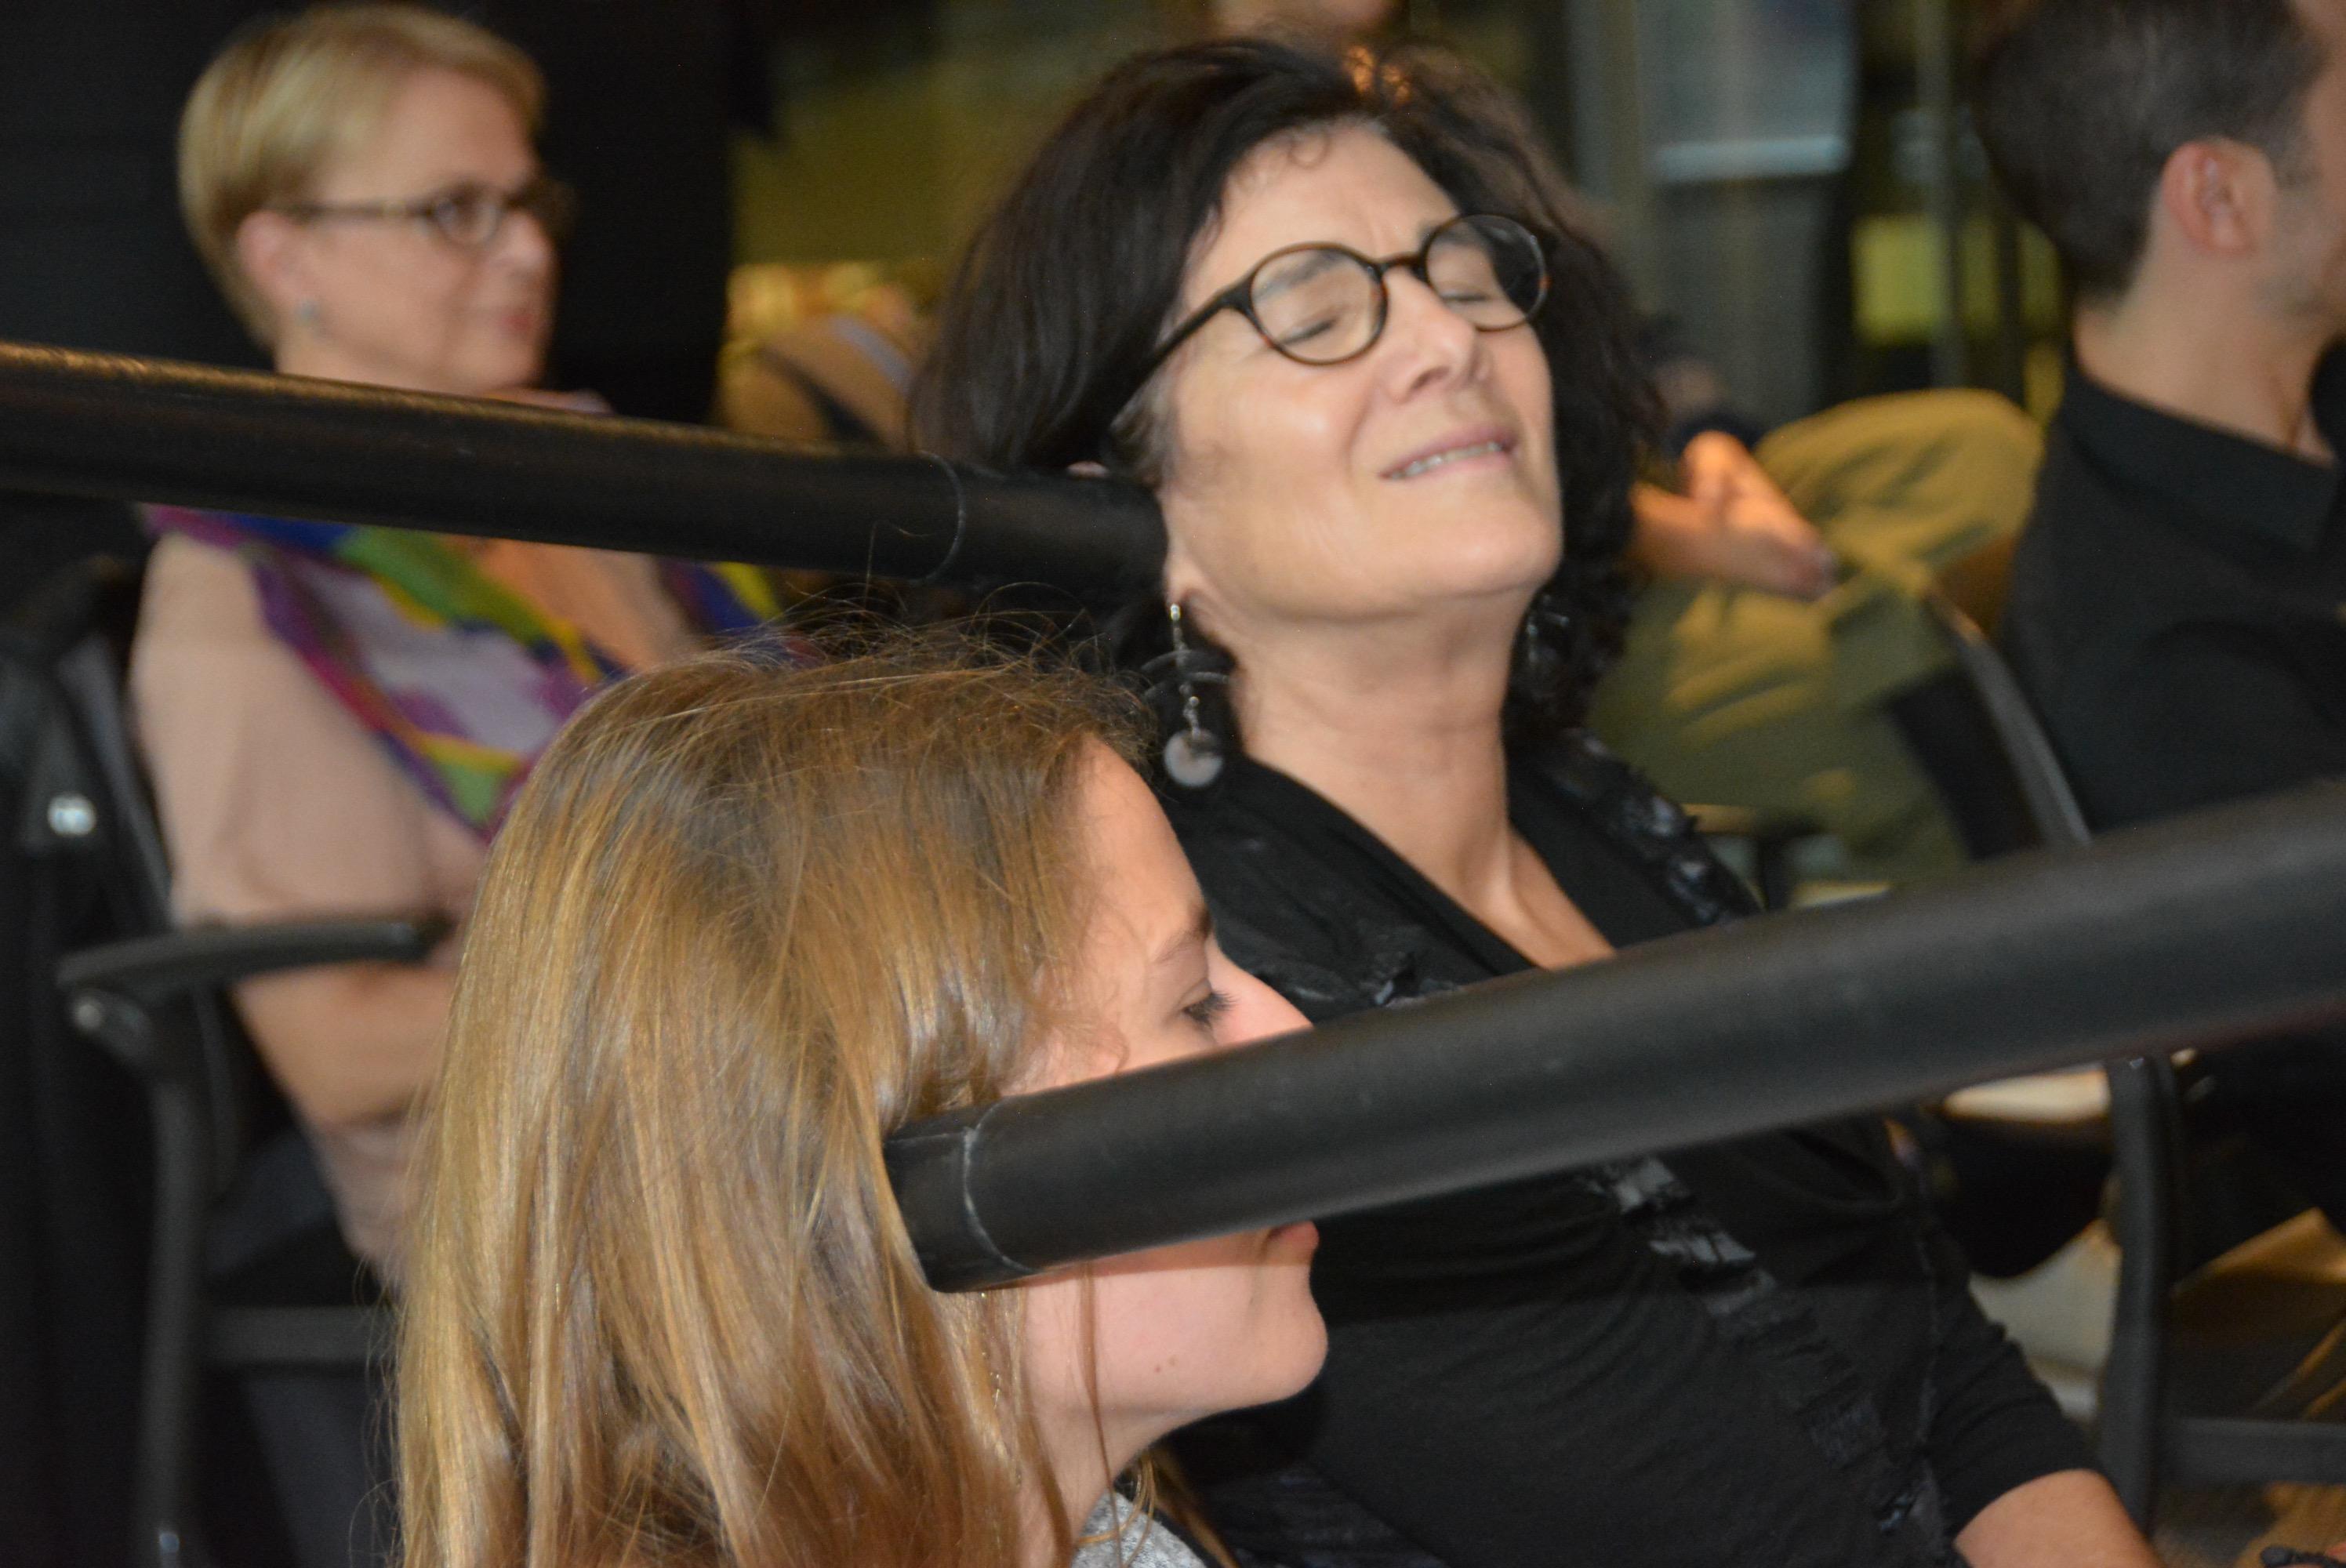 Les Souffleurs commandos poétiques en tournée québécoise : « Nous voulons transformer le monde par la poésie »